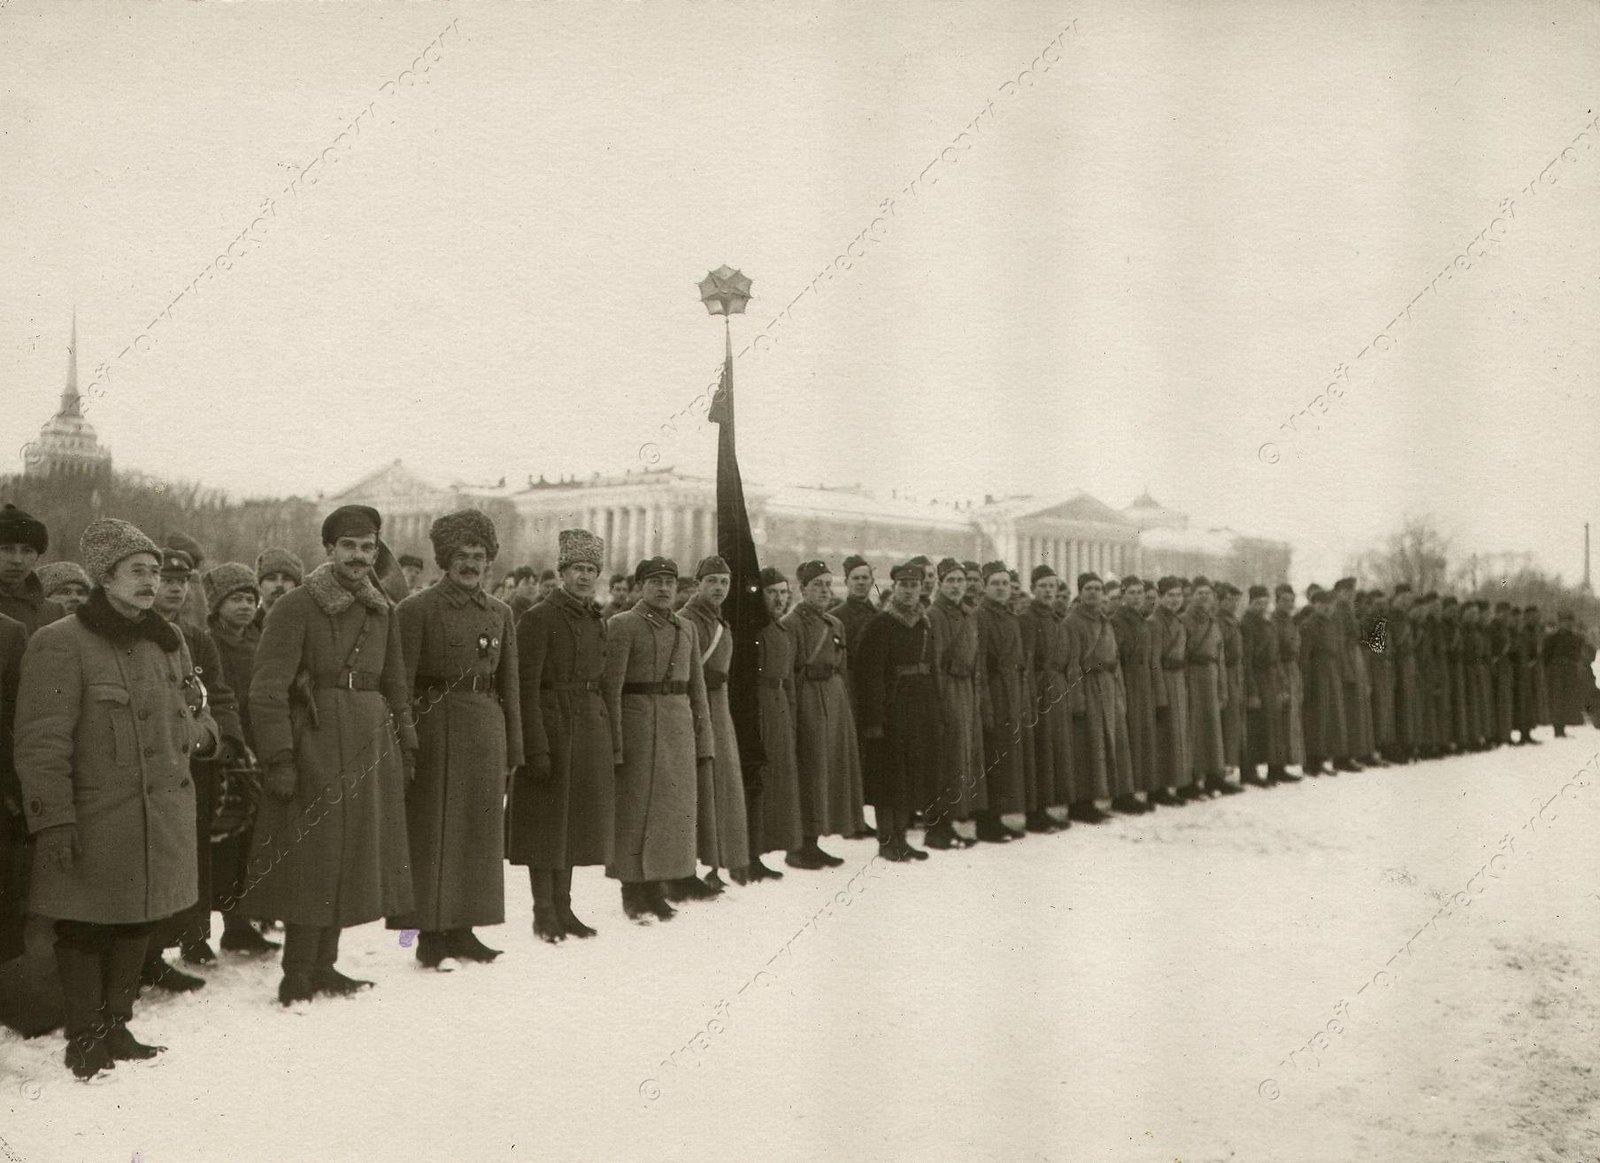 1918-1920. Группа курсантов первых советских пехотных курсов на Дворцовой площади